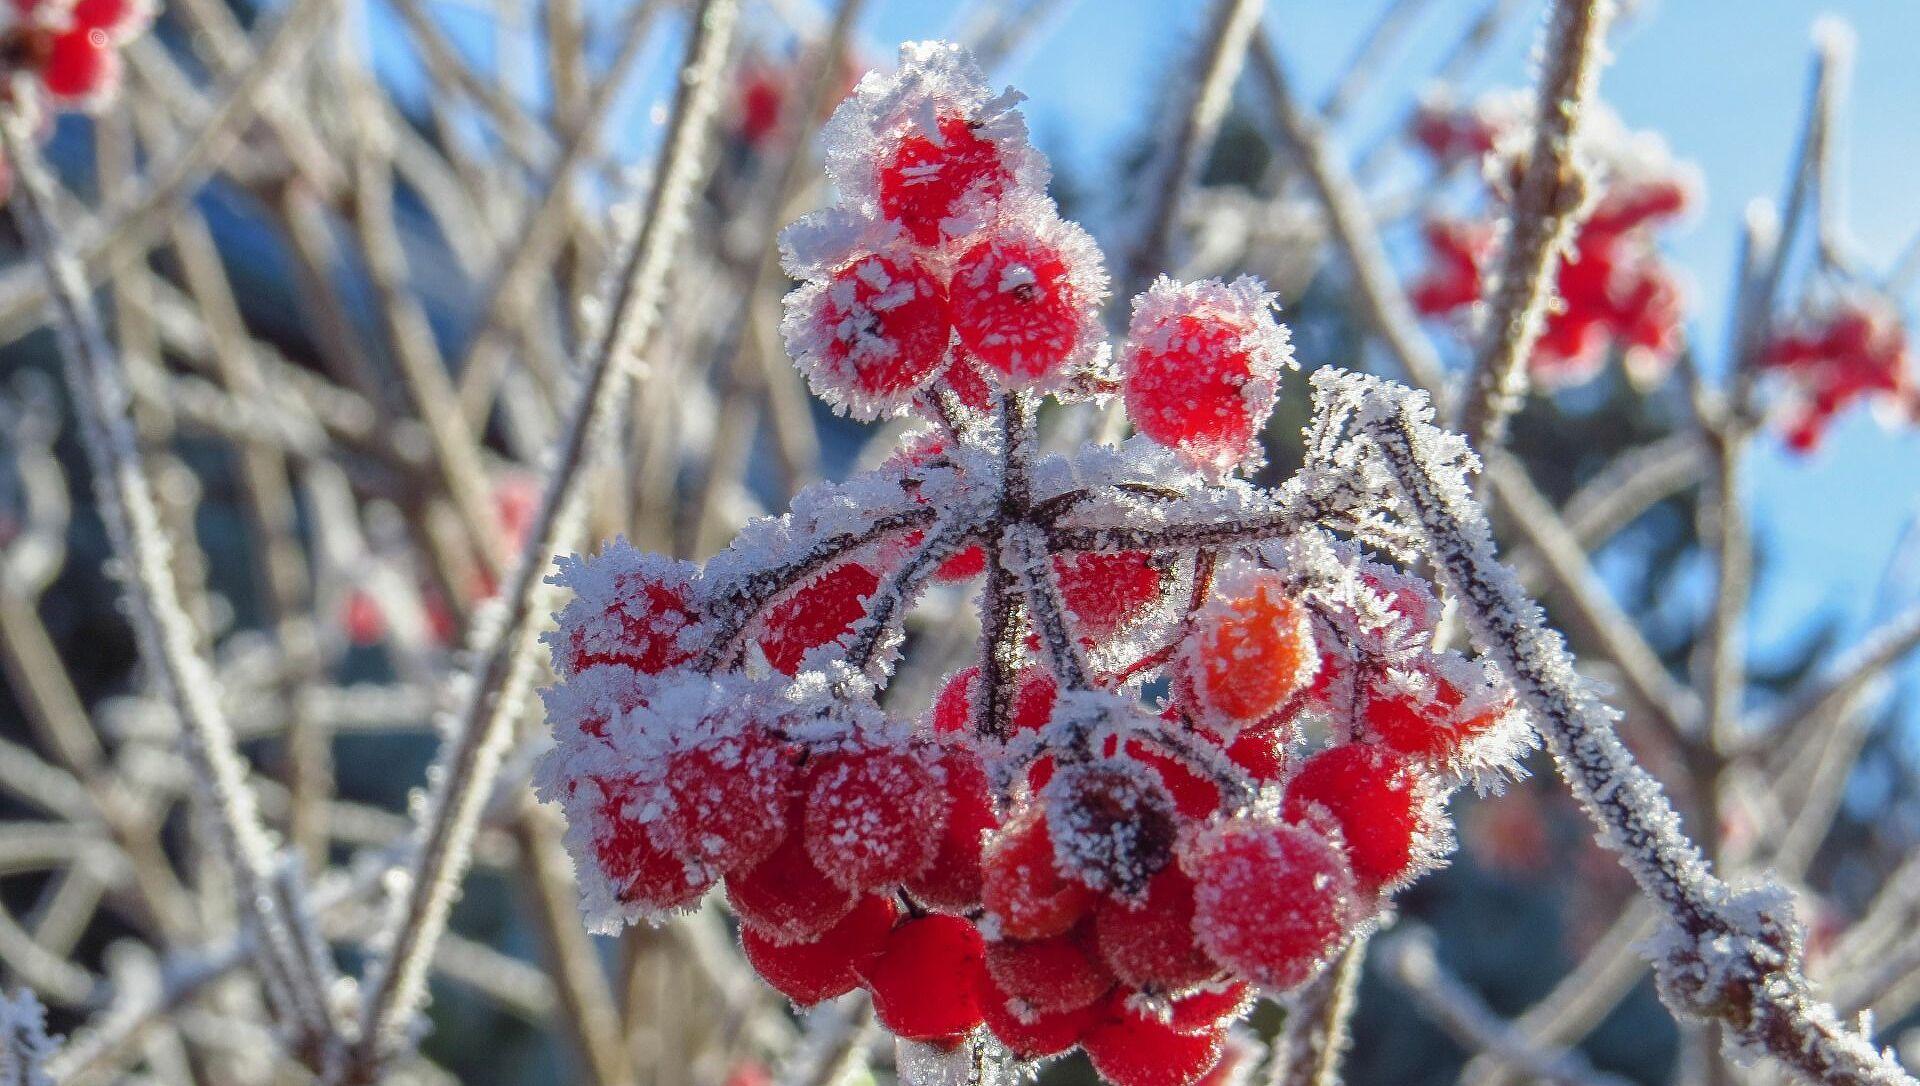 Штормовое предупреждение объявили в Ростовской области из-за заморозков